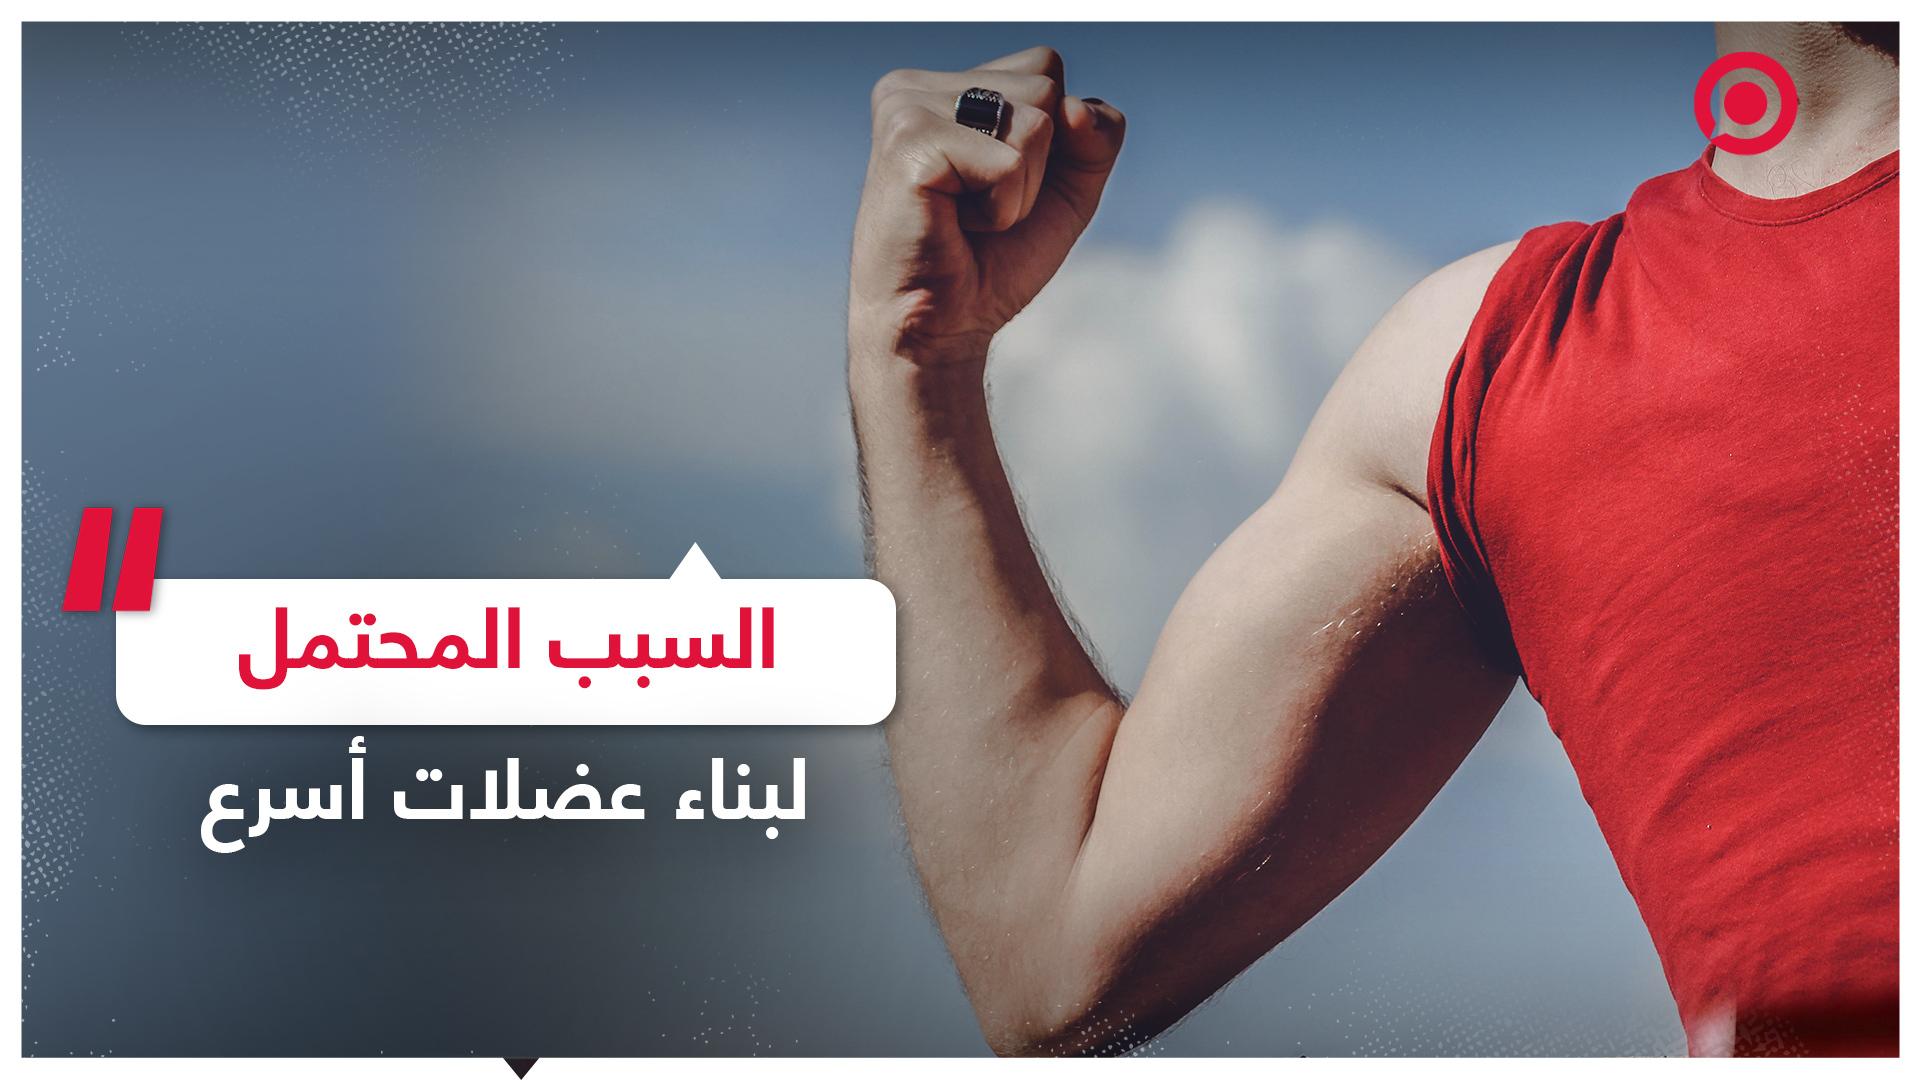 #رياضة #عضلات #معكم_تكتمل_الصورة